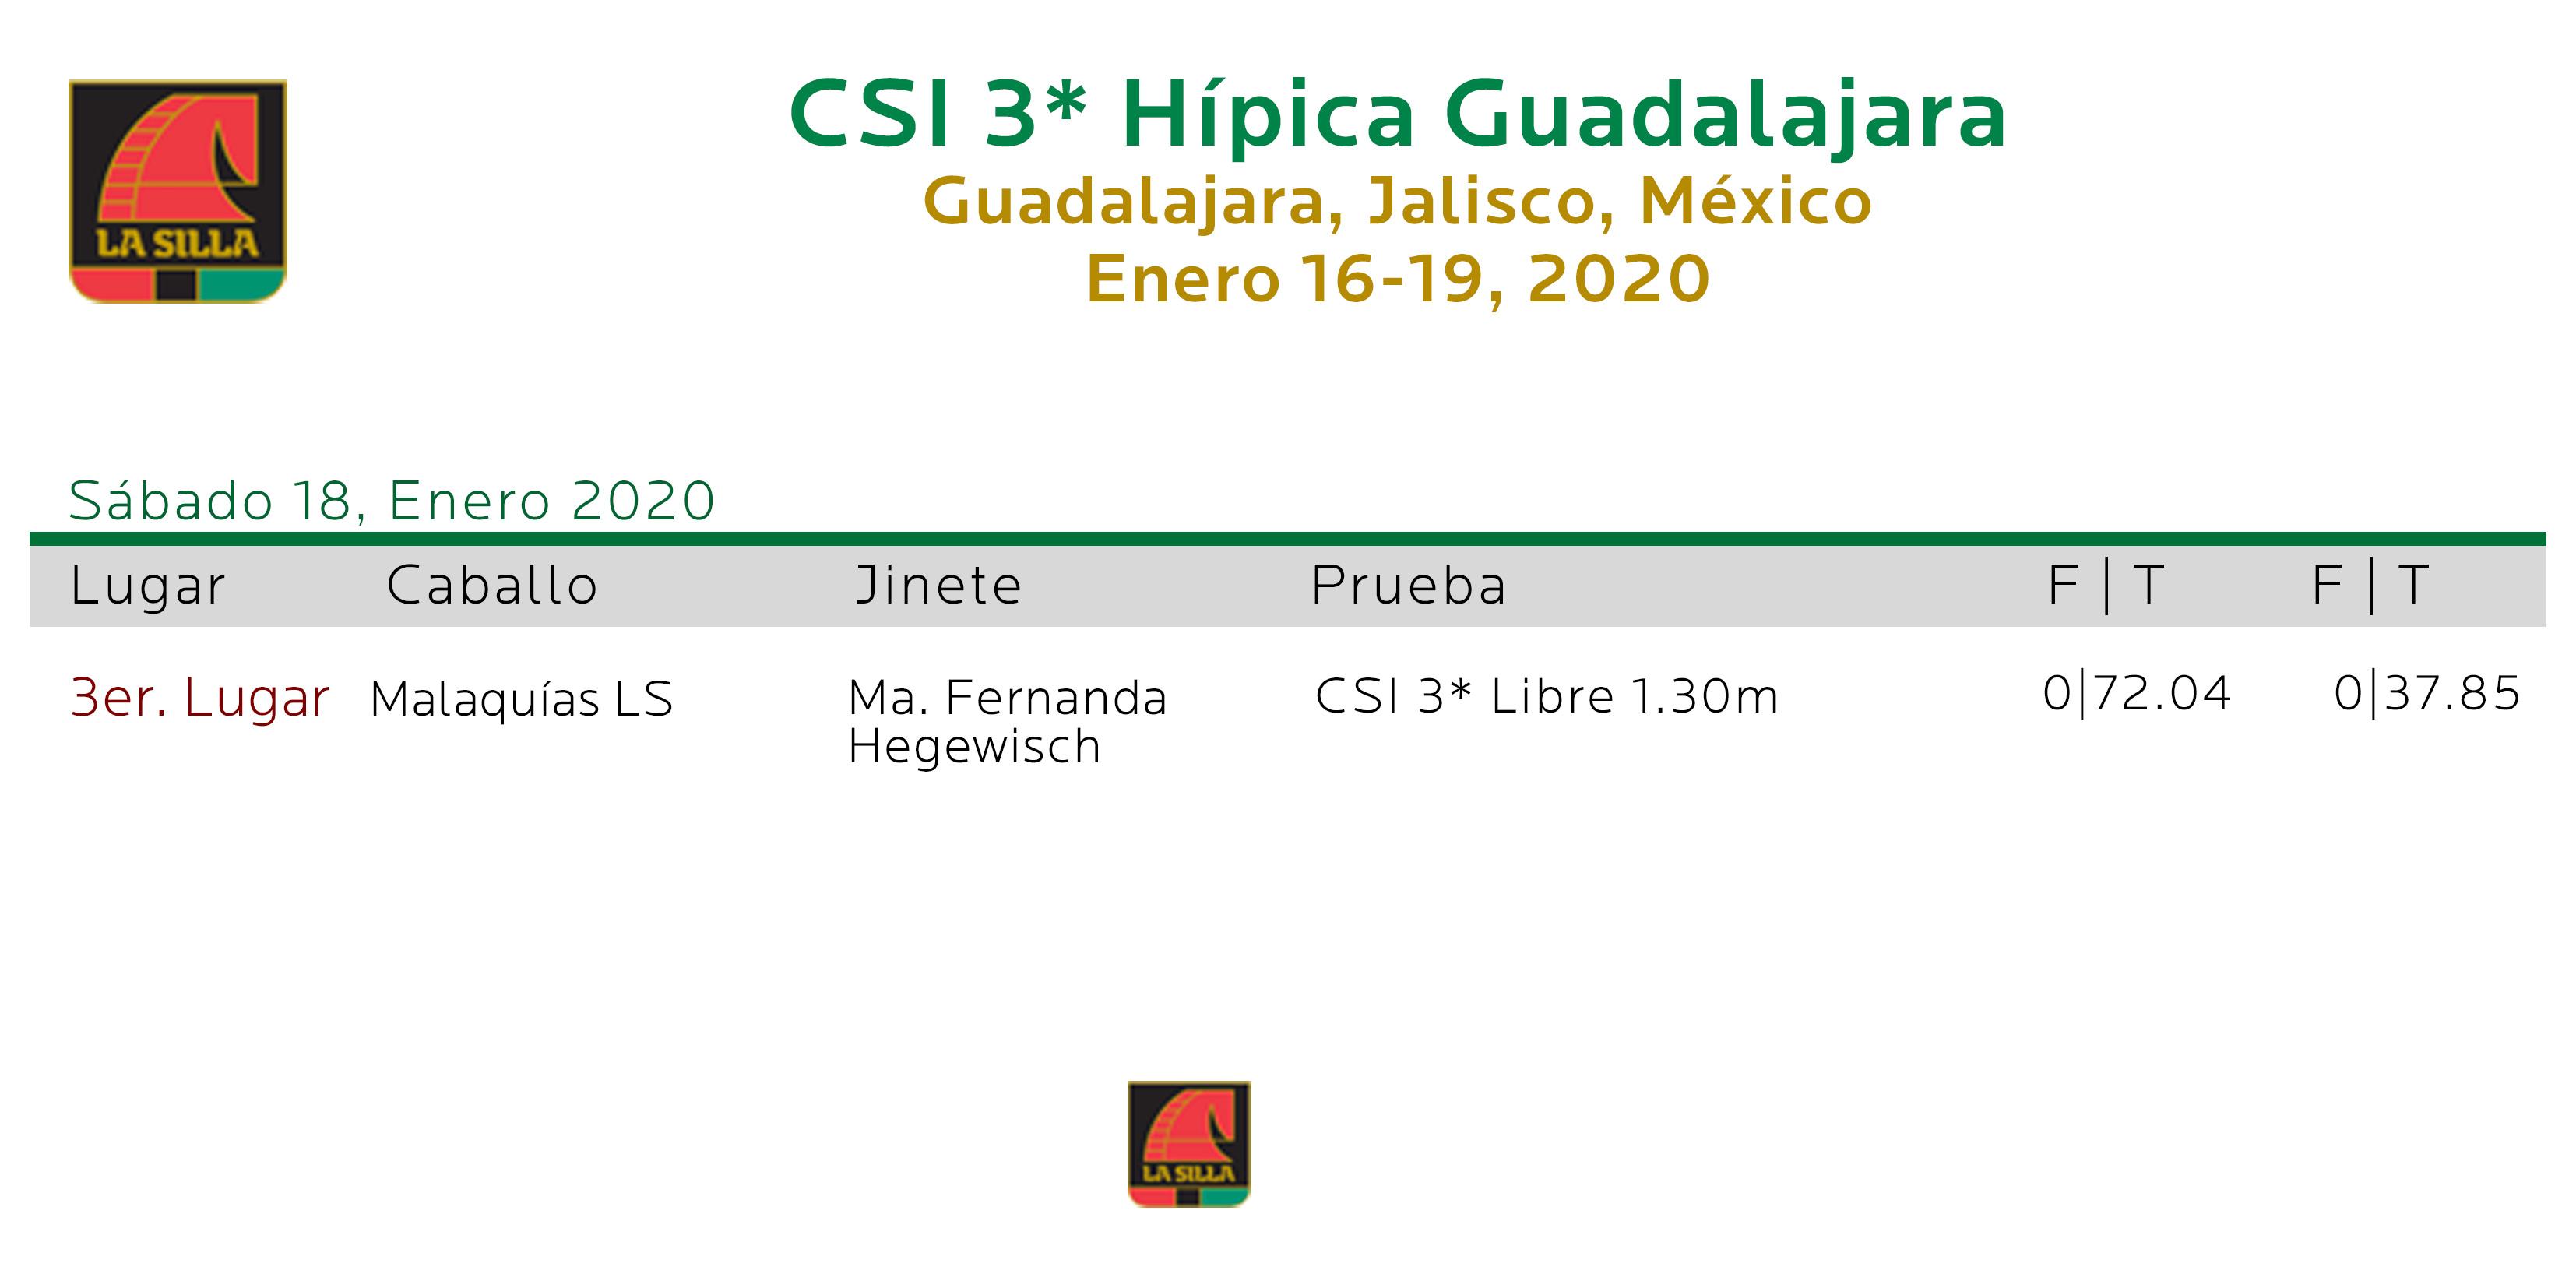 CSI-3-Hipica-Guadalajara--16-19-2020